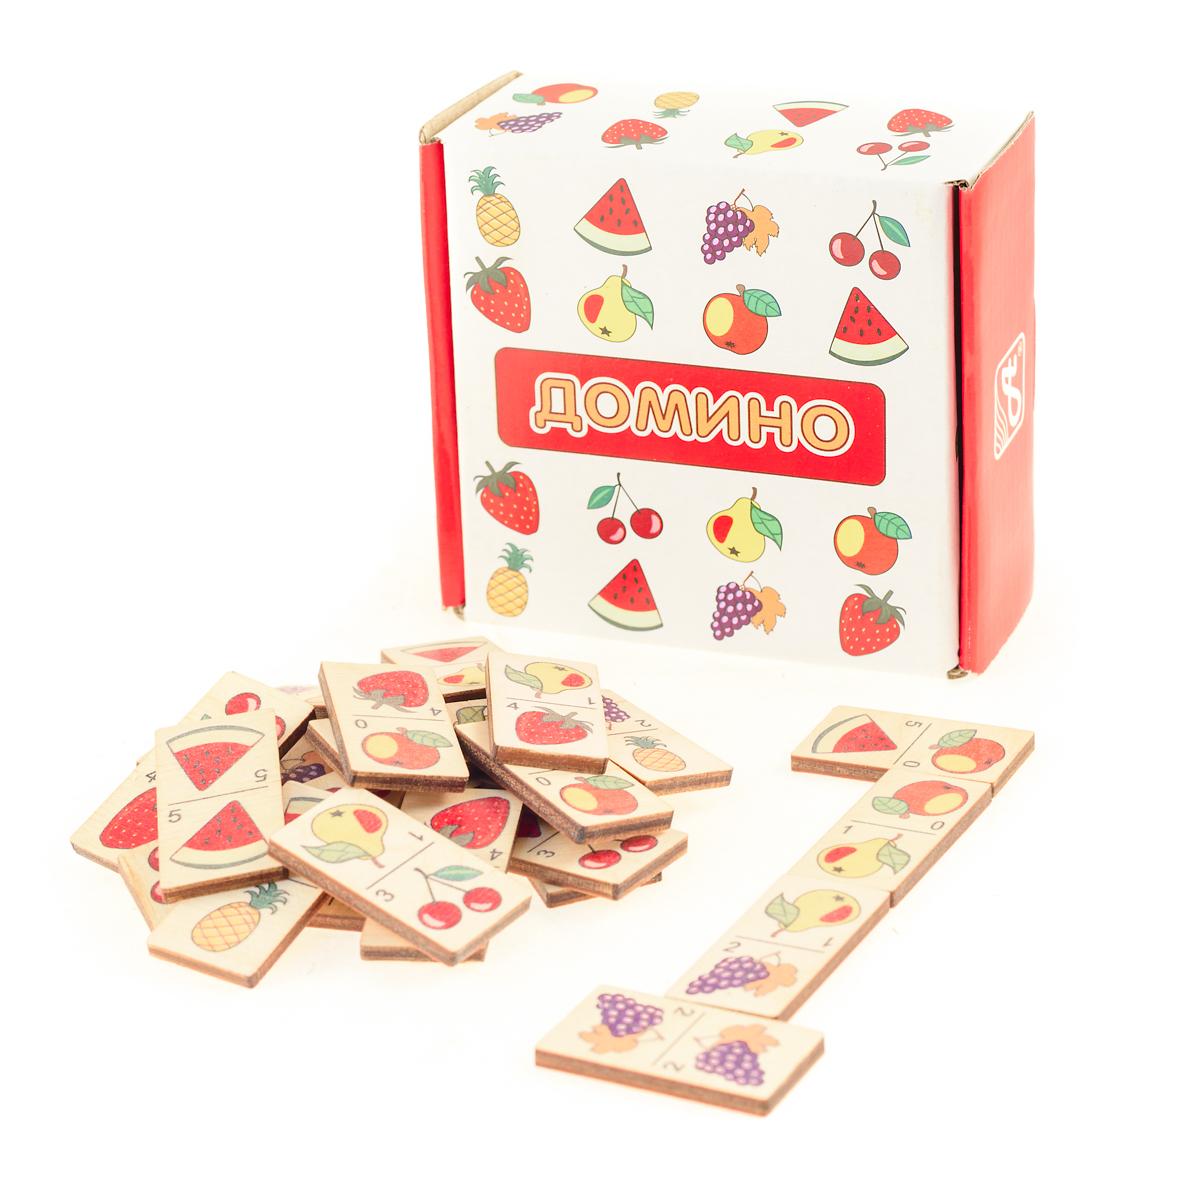 Развивающие деревянные игрушки Домино Фрукты деревянные игрушки теремок пирамидка счетная домино